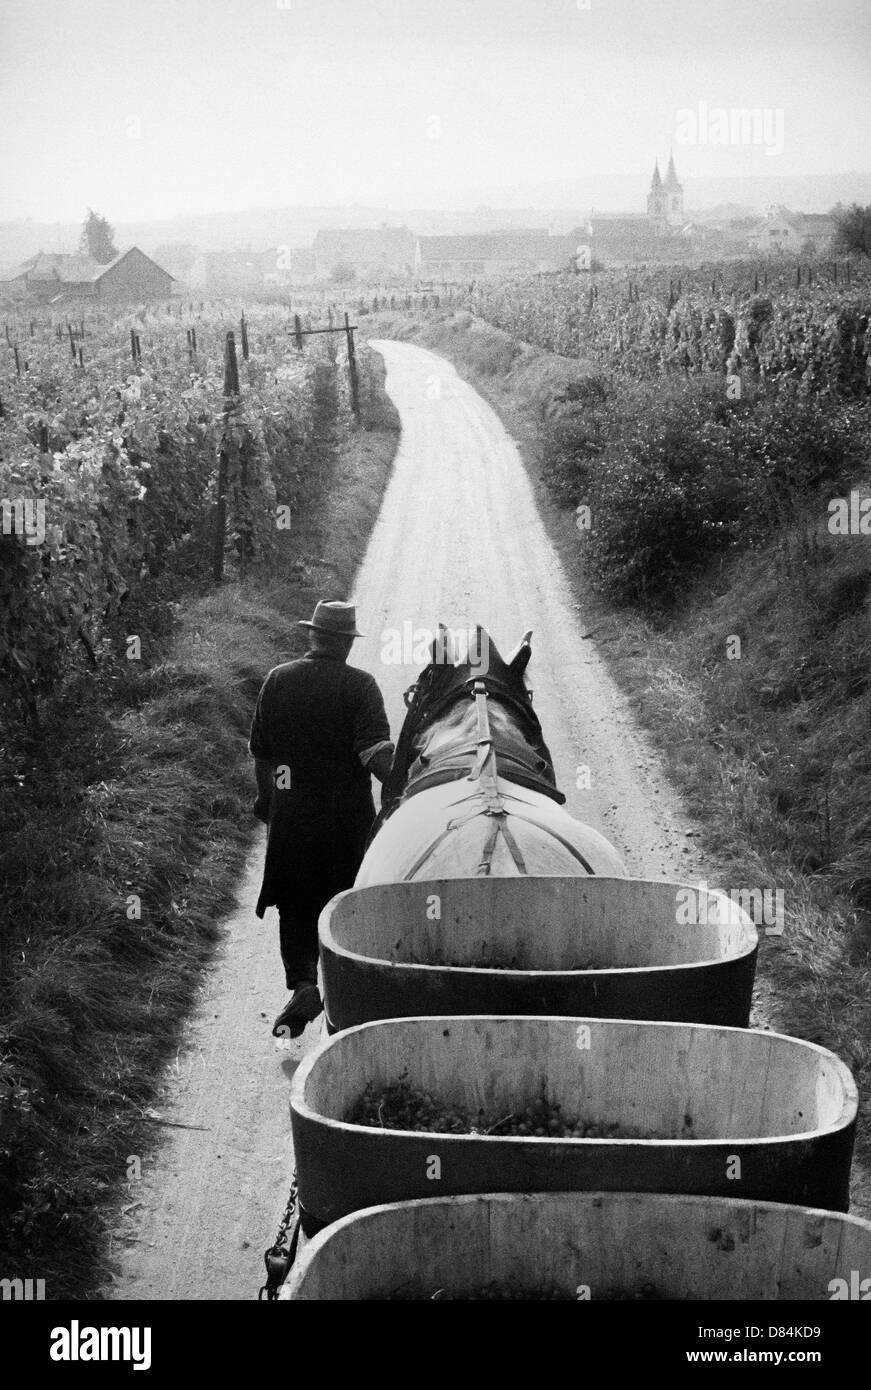 1963 avec remorque à chevaux récolte de raisin Alsace France Europe Photo Stock